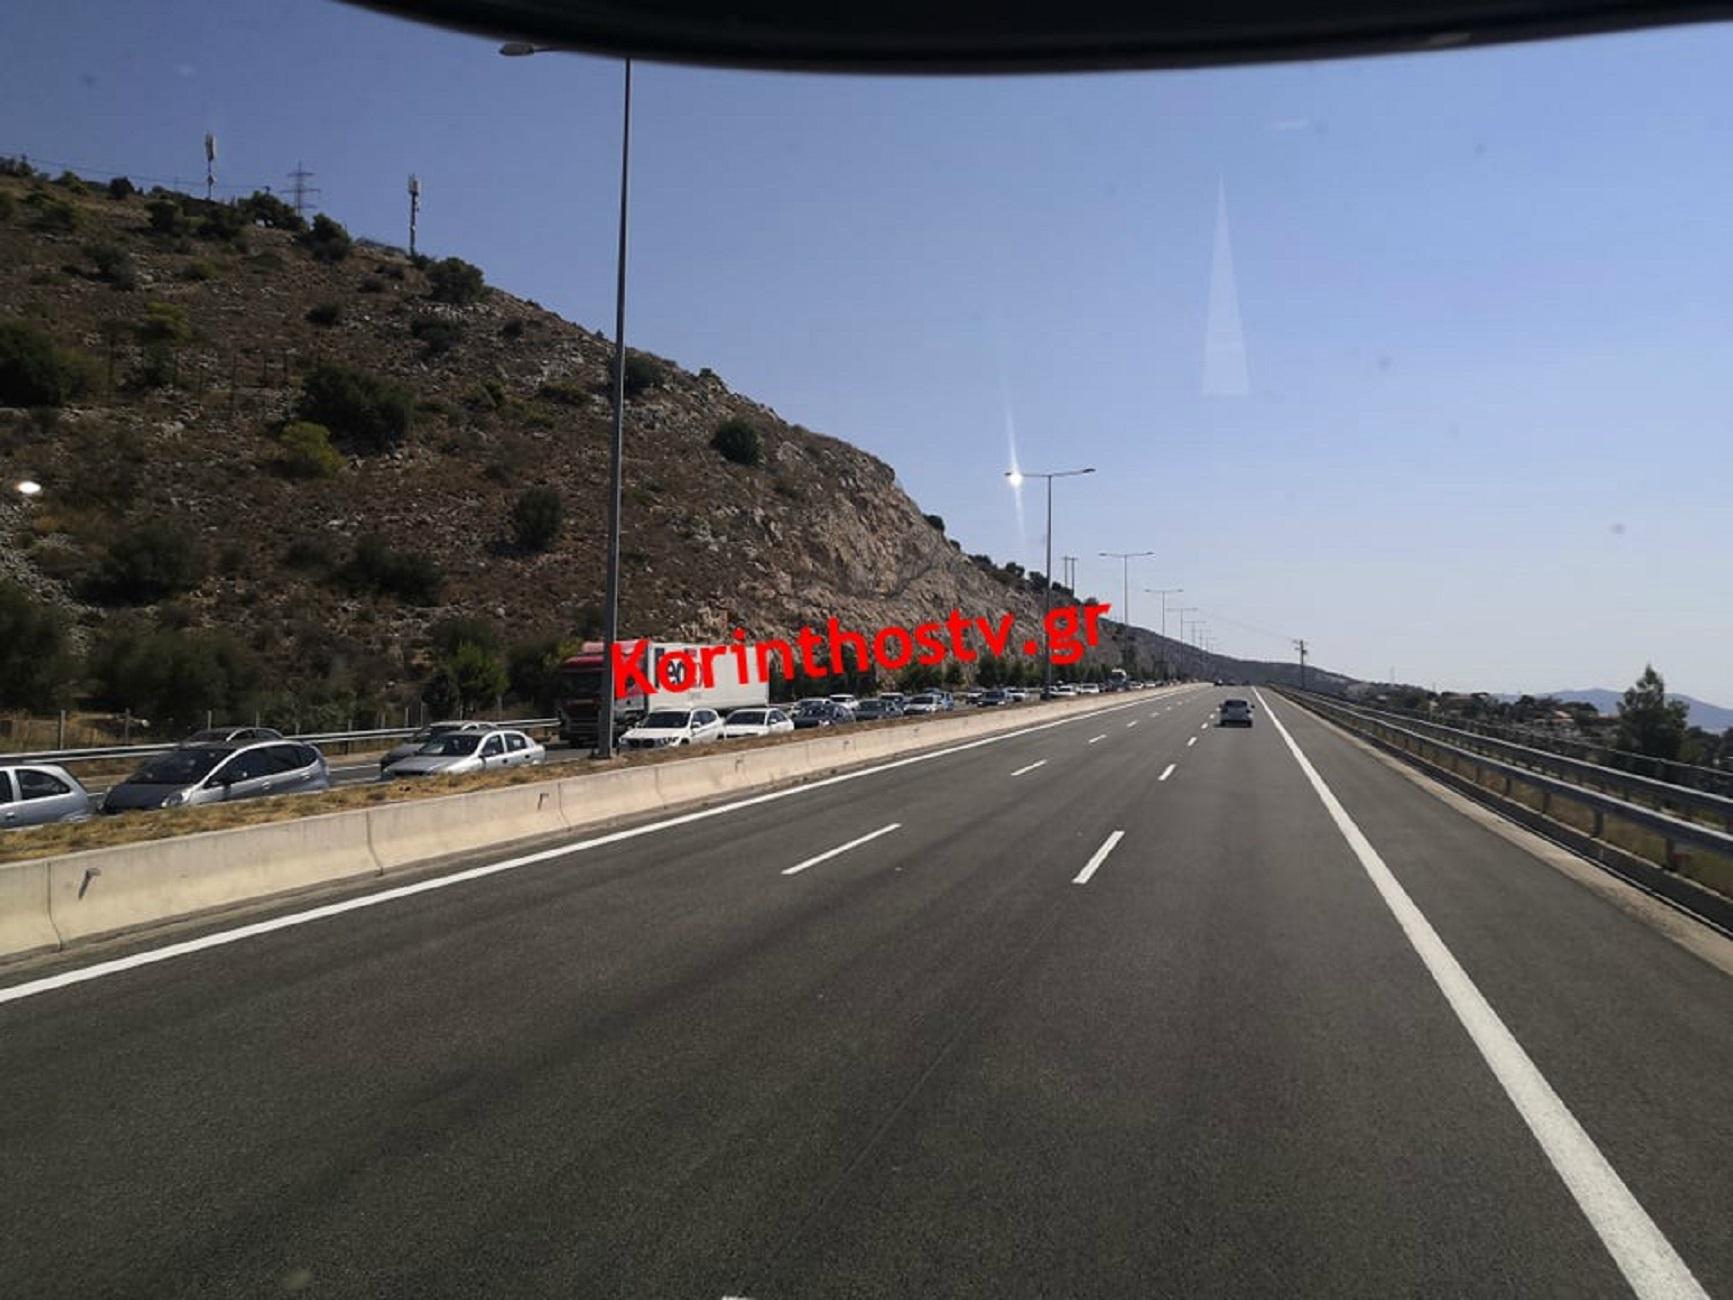 Τροχαίο στην Εθνική Οδό Αθηνών – Κορίνθου! Ουρές χιλιομέτρων (pics)